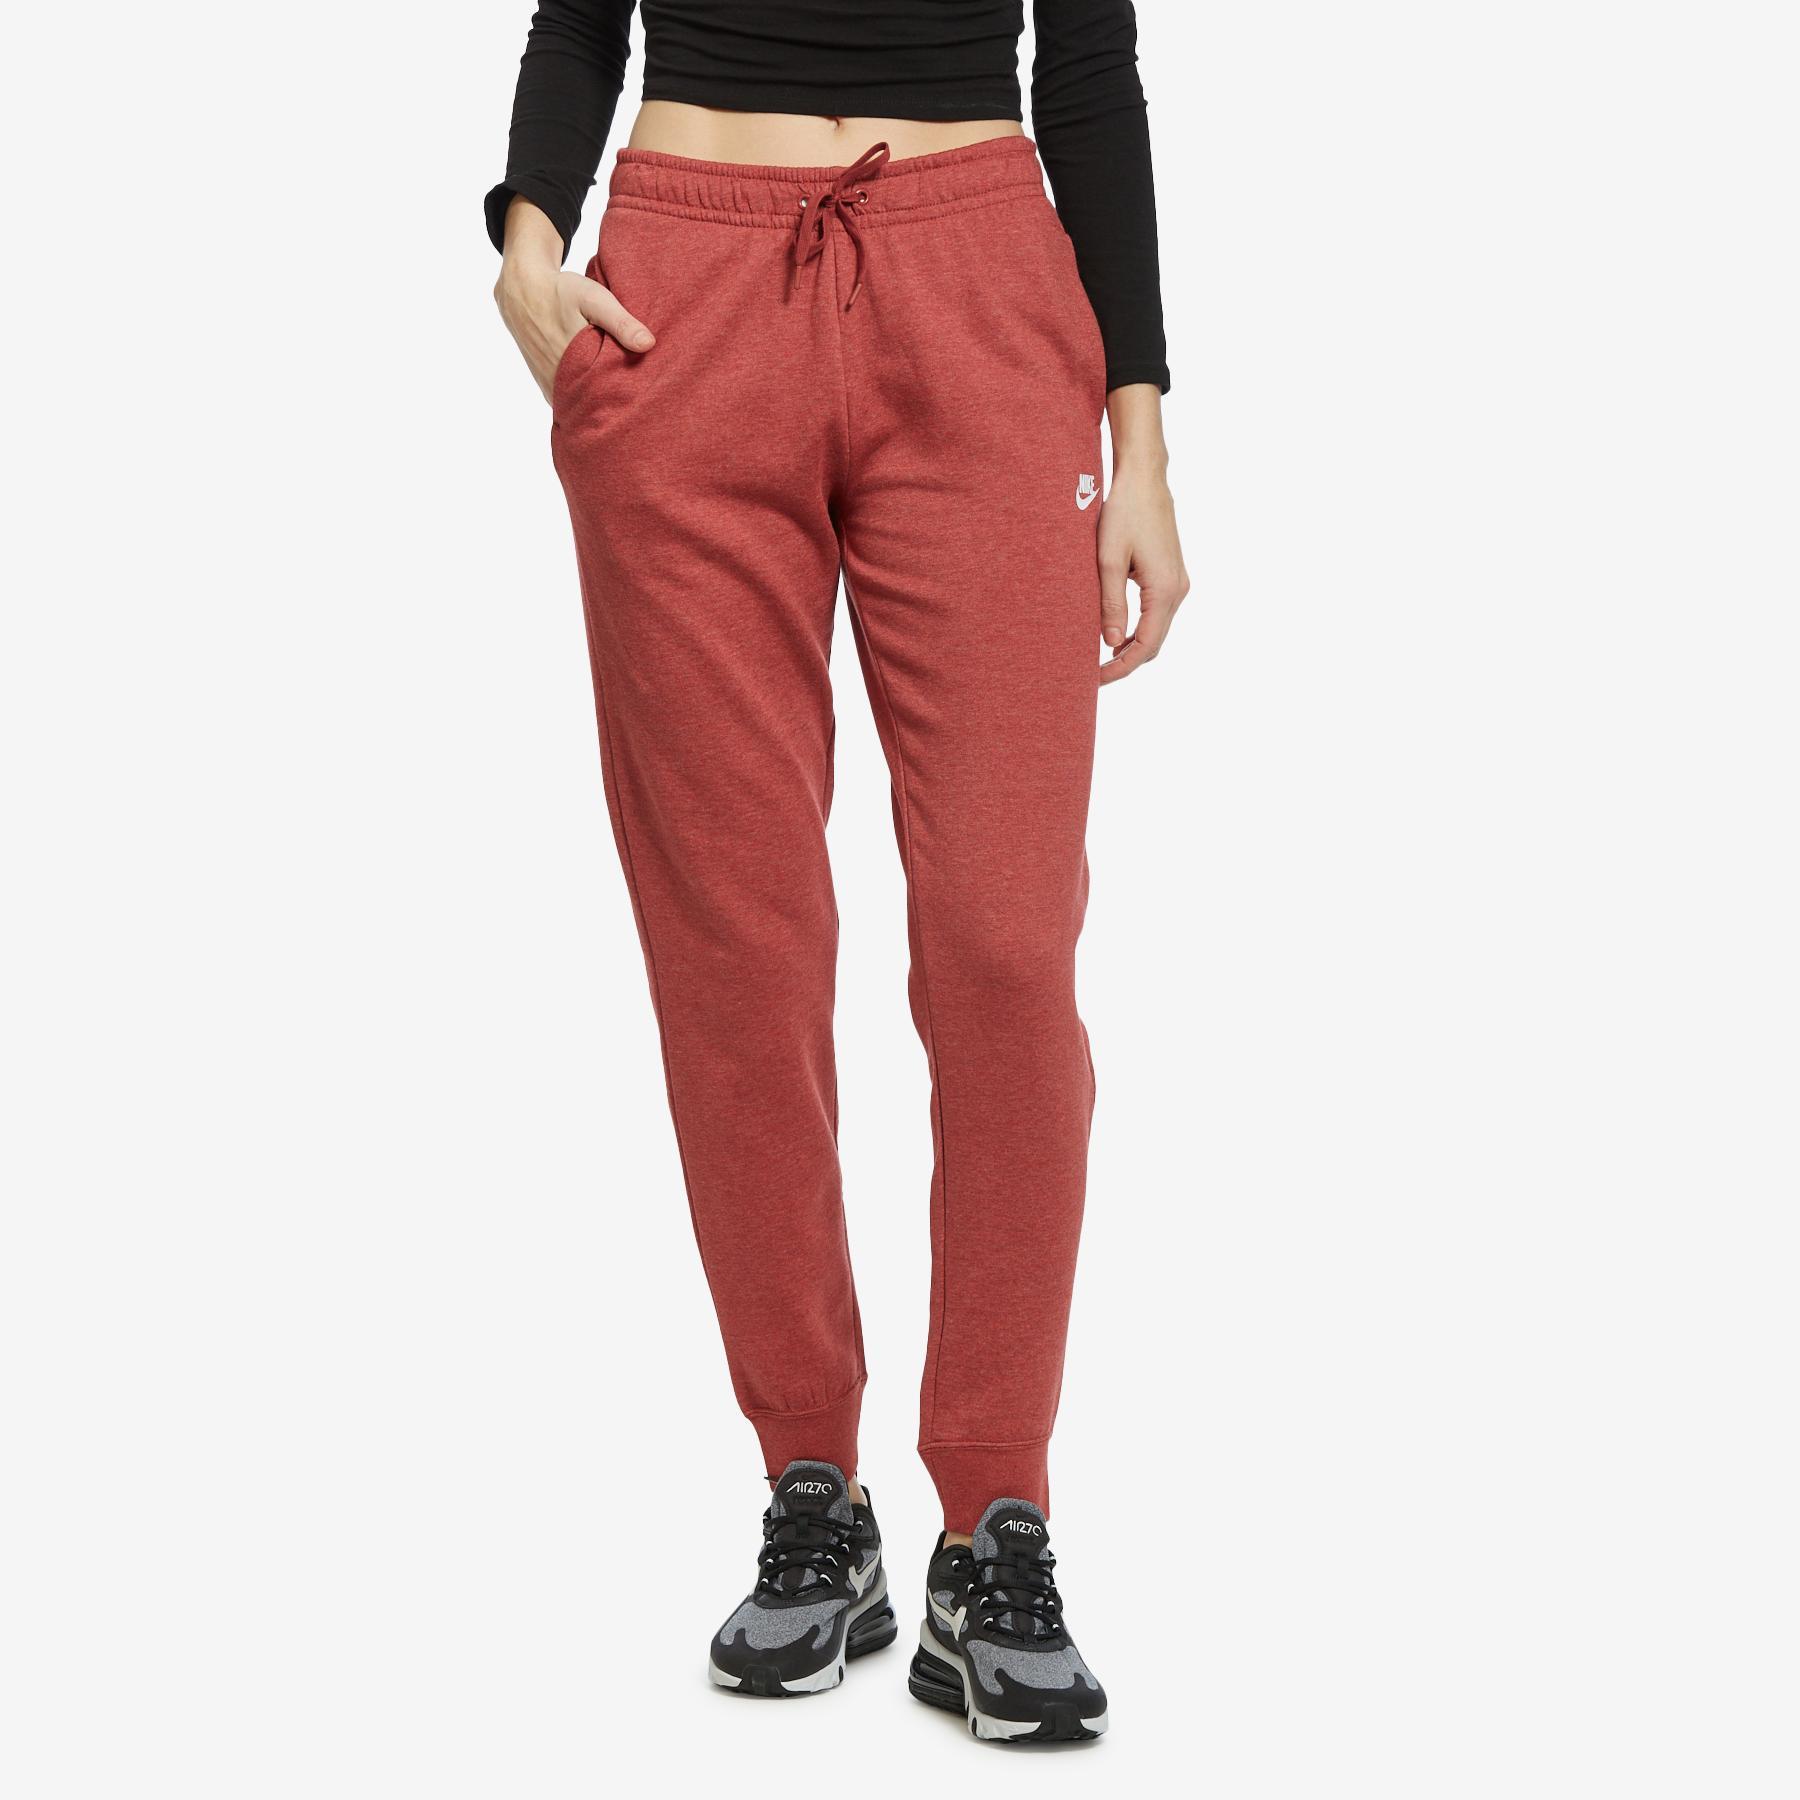 Women's Sportswear Pants